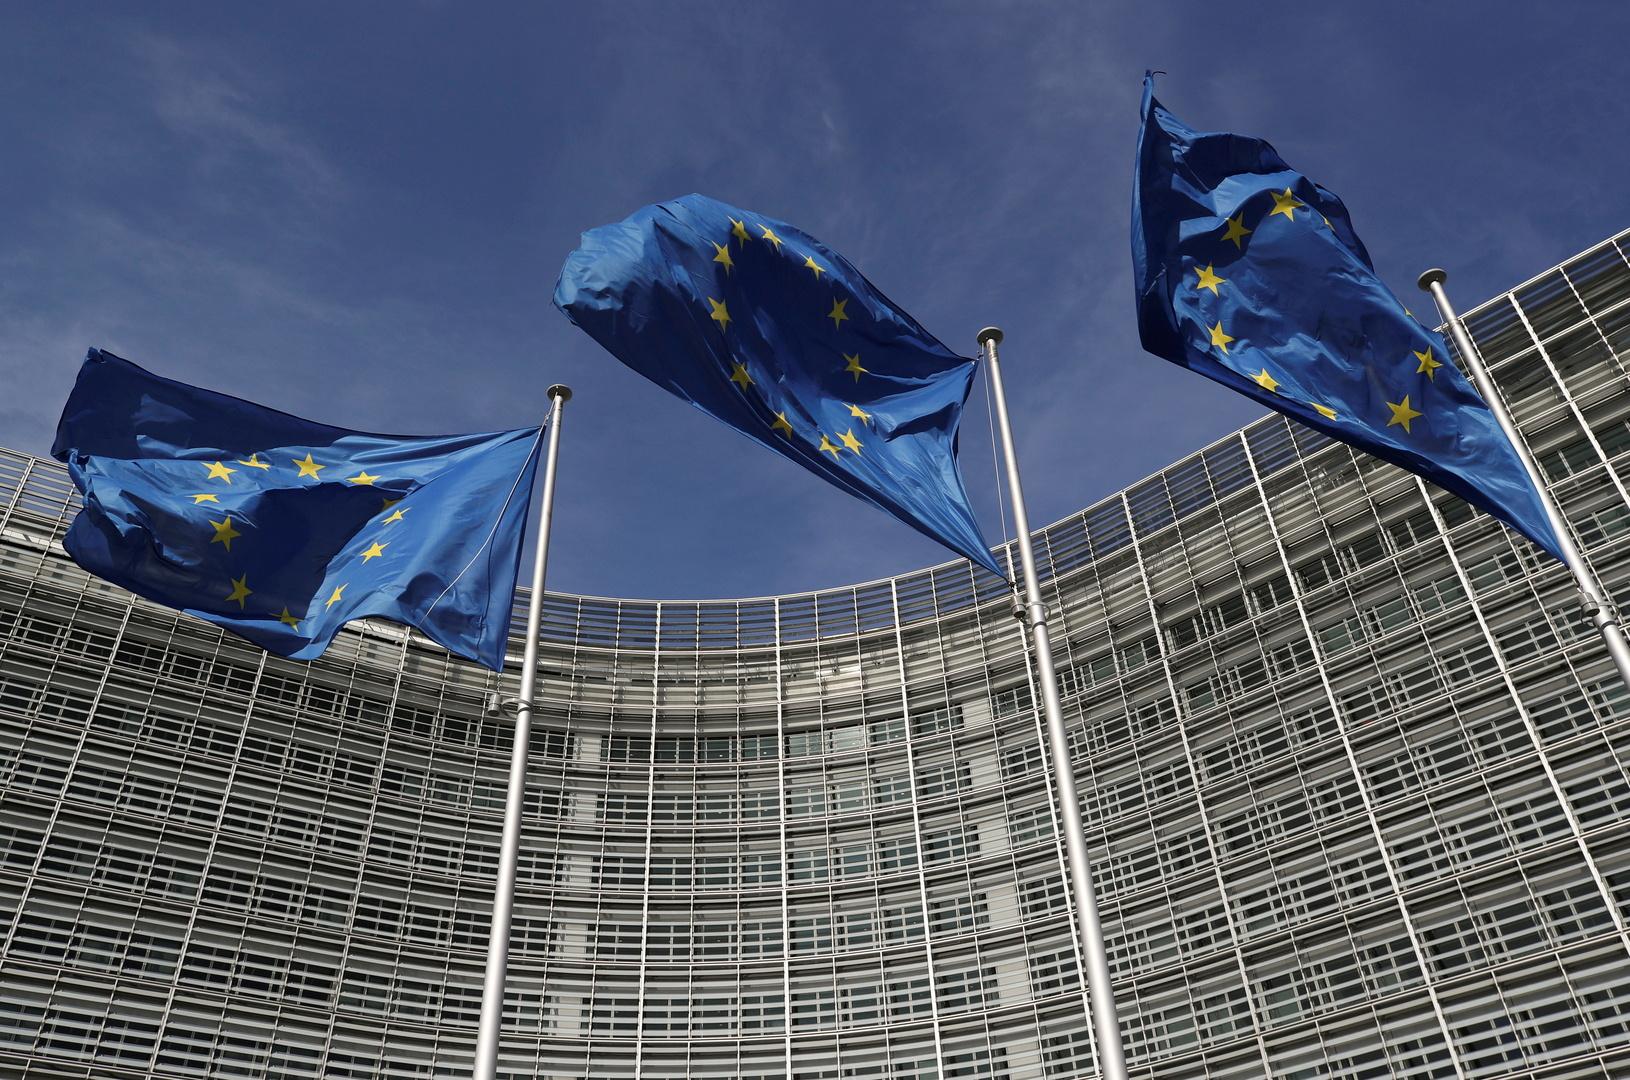 الاتحاد الأوروبي يغلق أجواءه أمام بيلاروس بعد حادثة